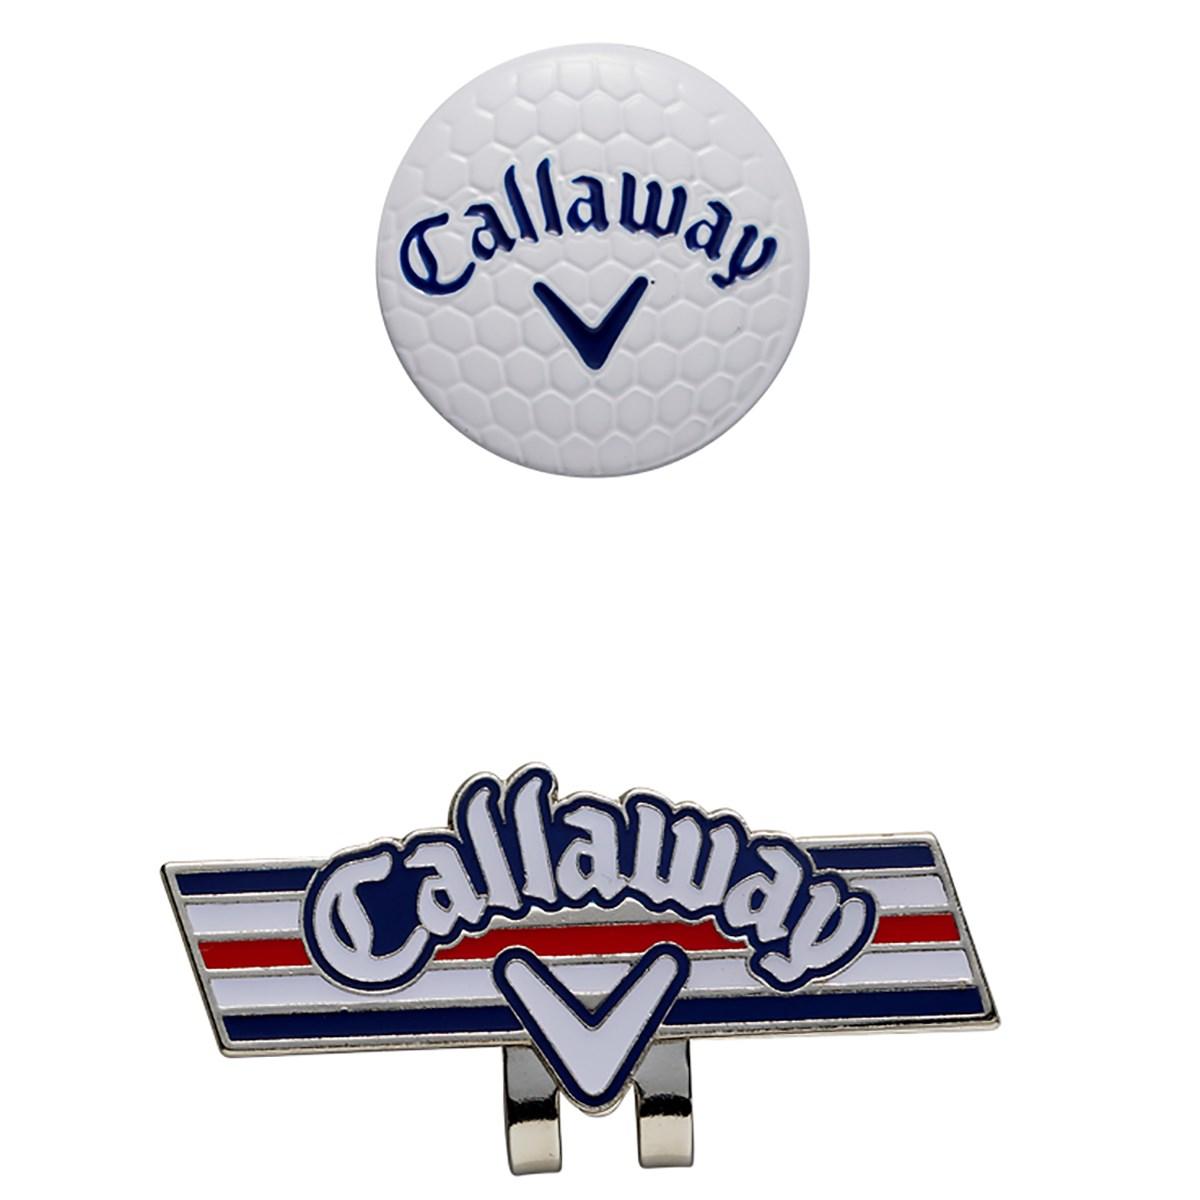 キャロウェイゴルフ(Callaway Golf) LOGO JM マーカー